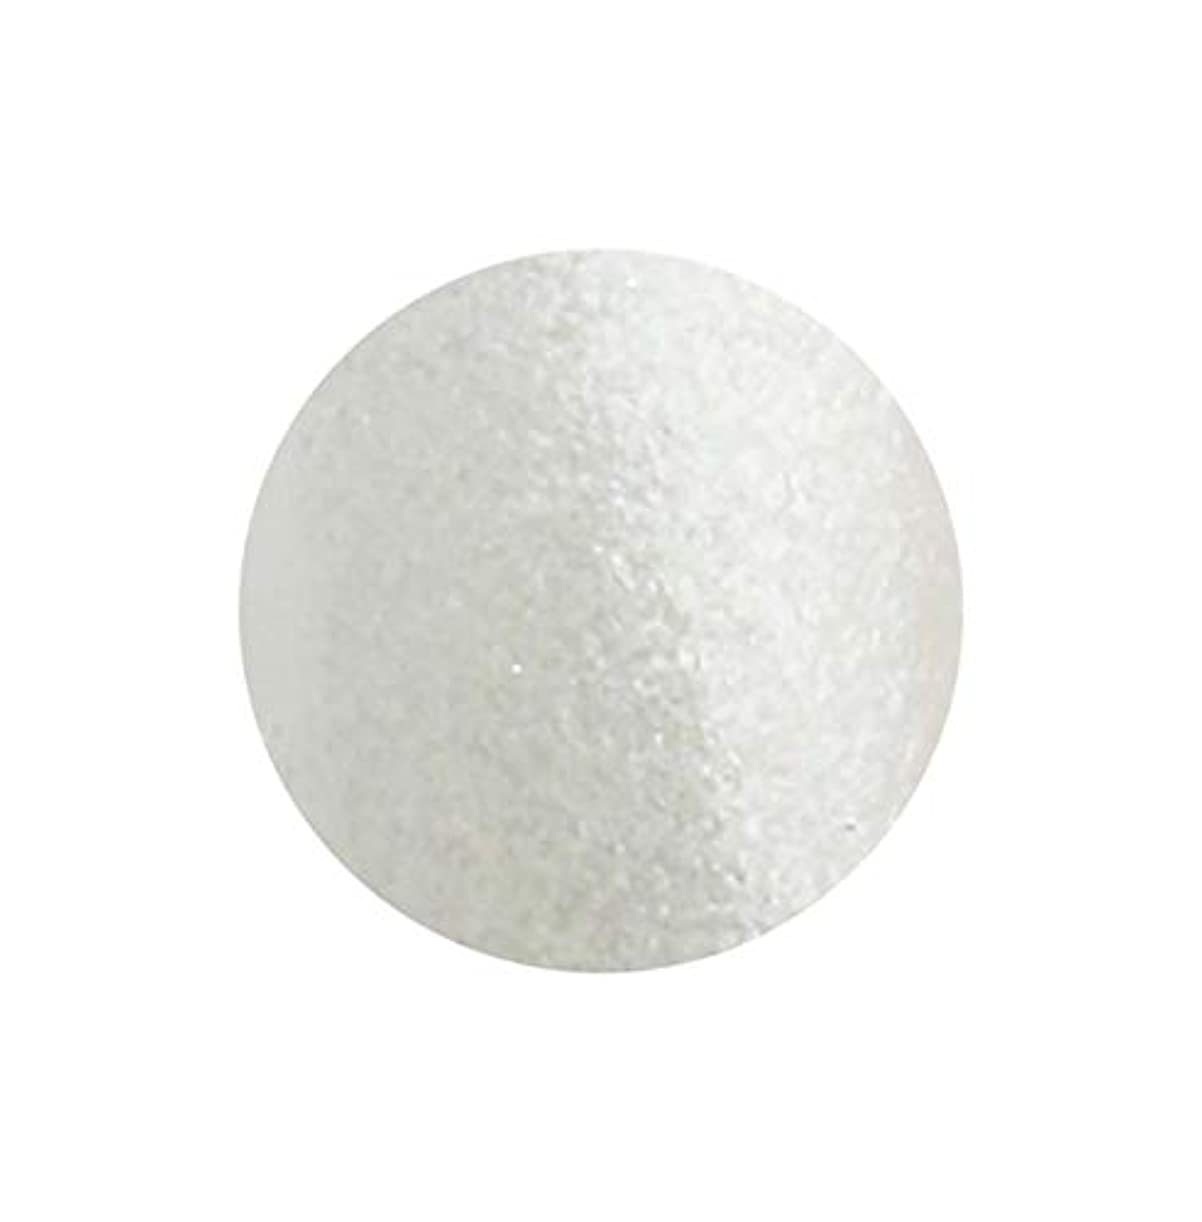 評価可能グリースまともなSHAREYDVA シャレドワ+ ネイルカラー No.28 ダイヤモンドパール